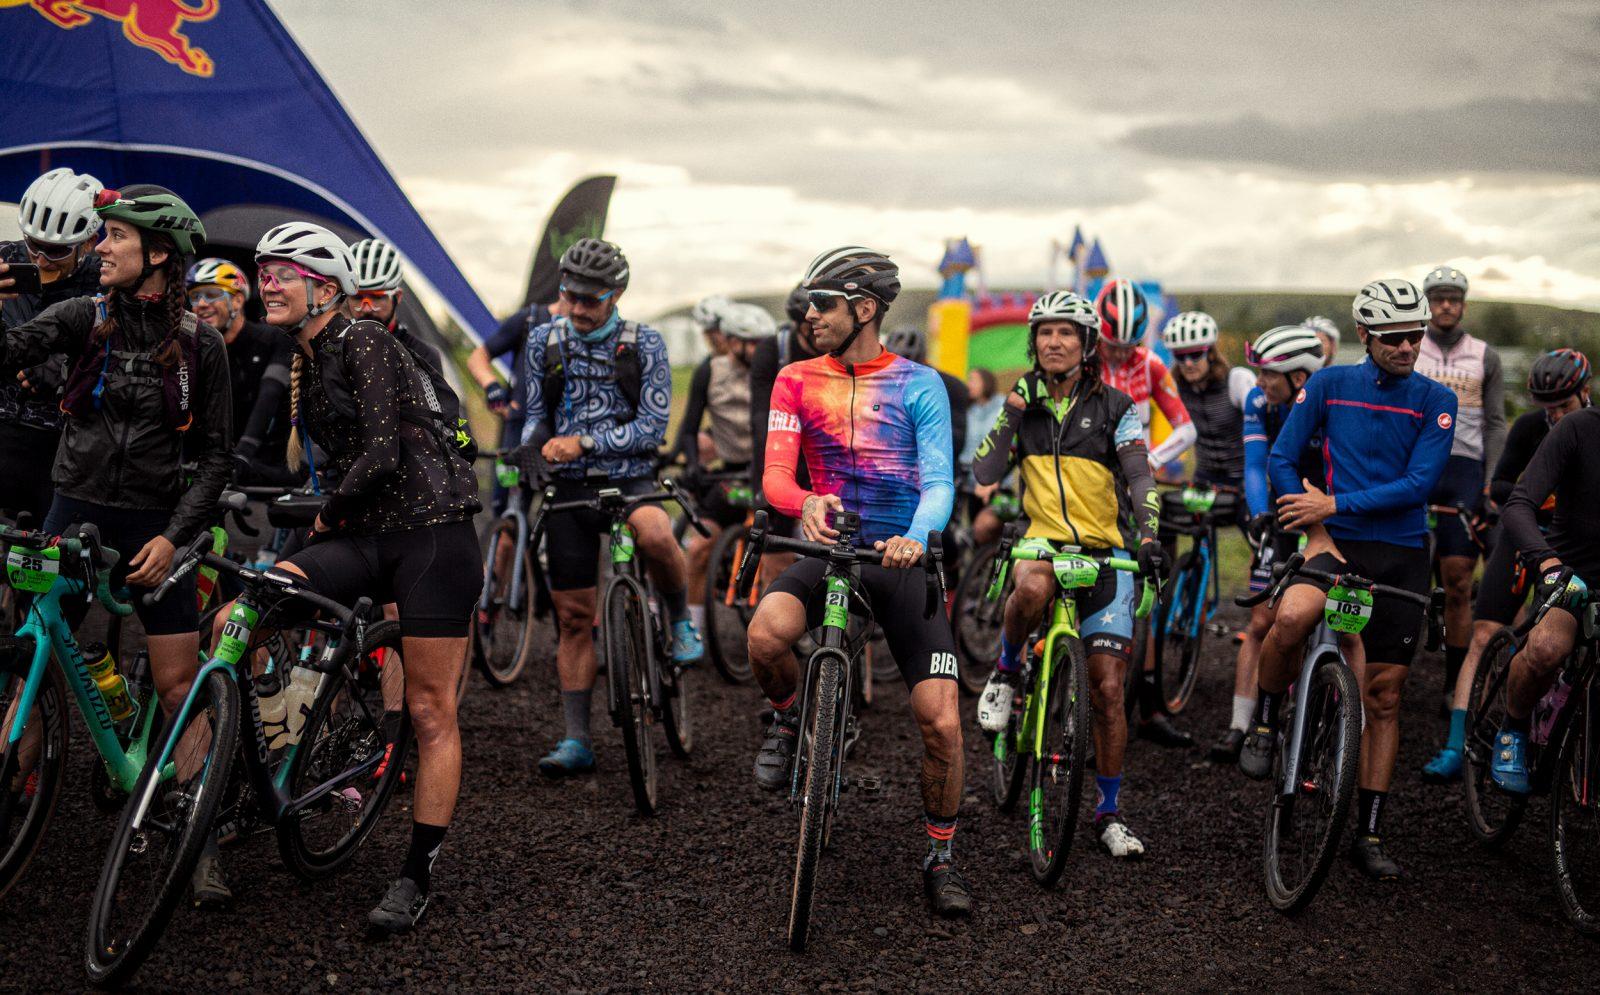 004 The Rift Iceland 2019